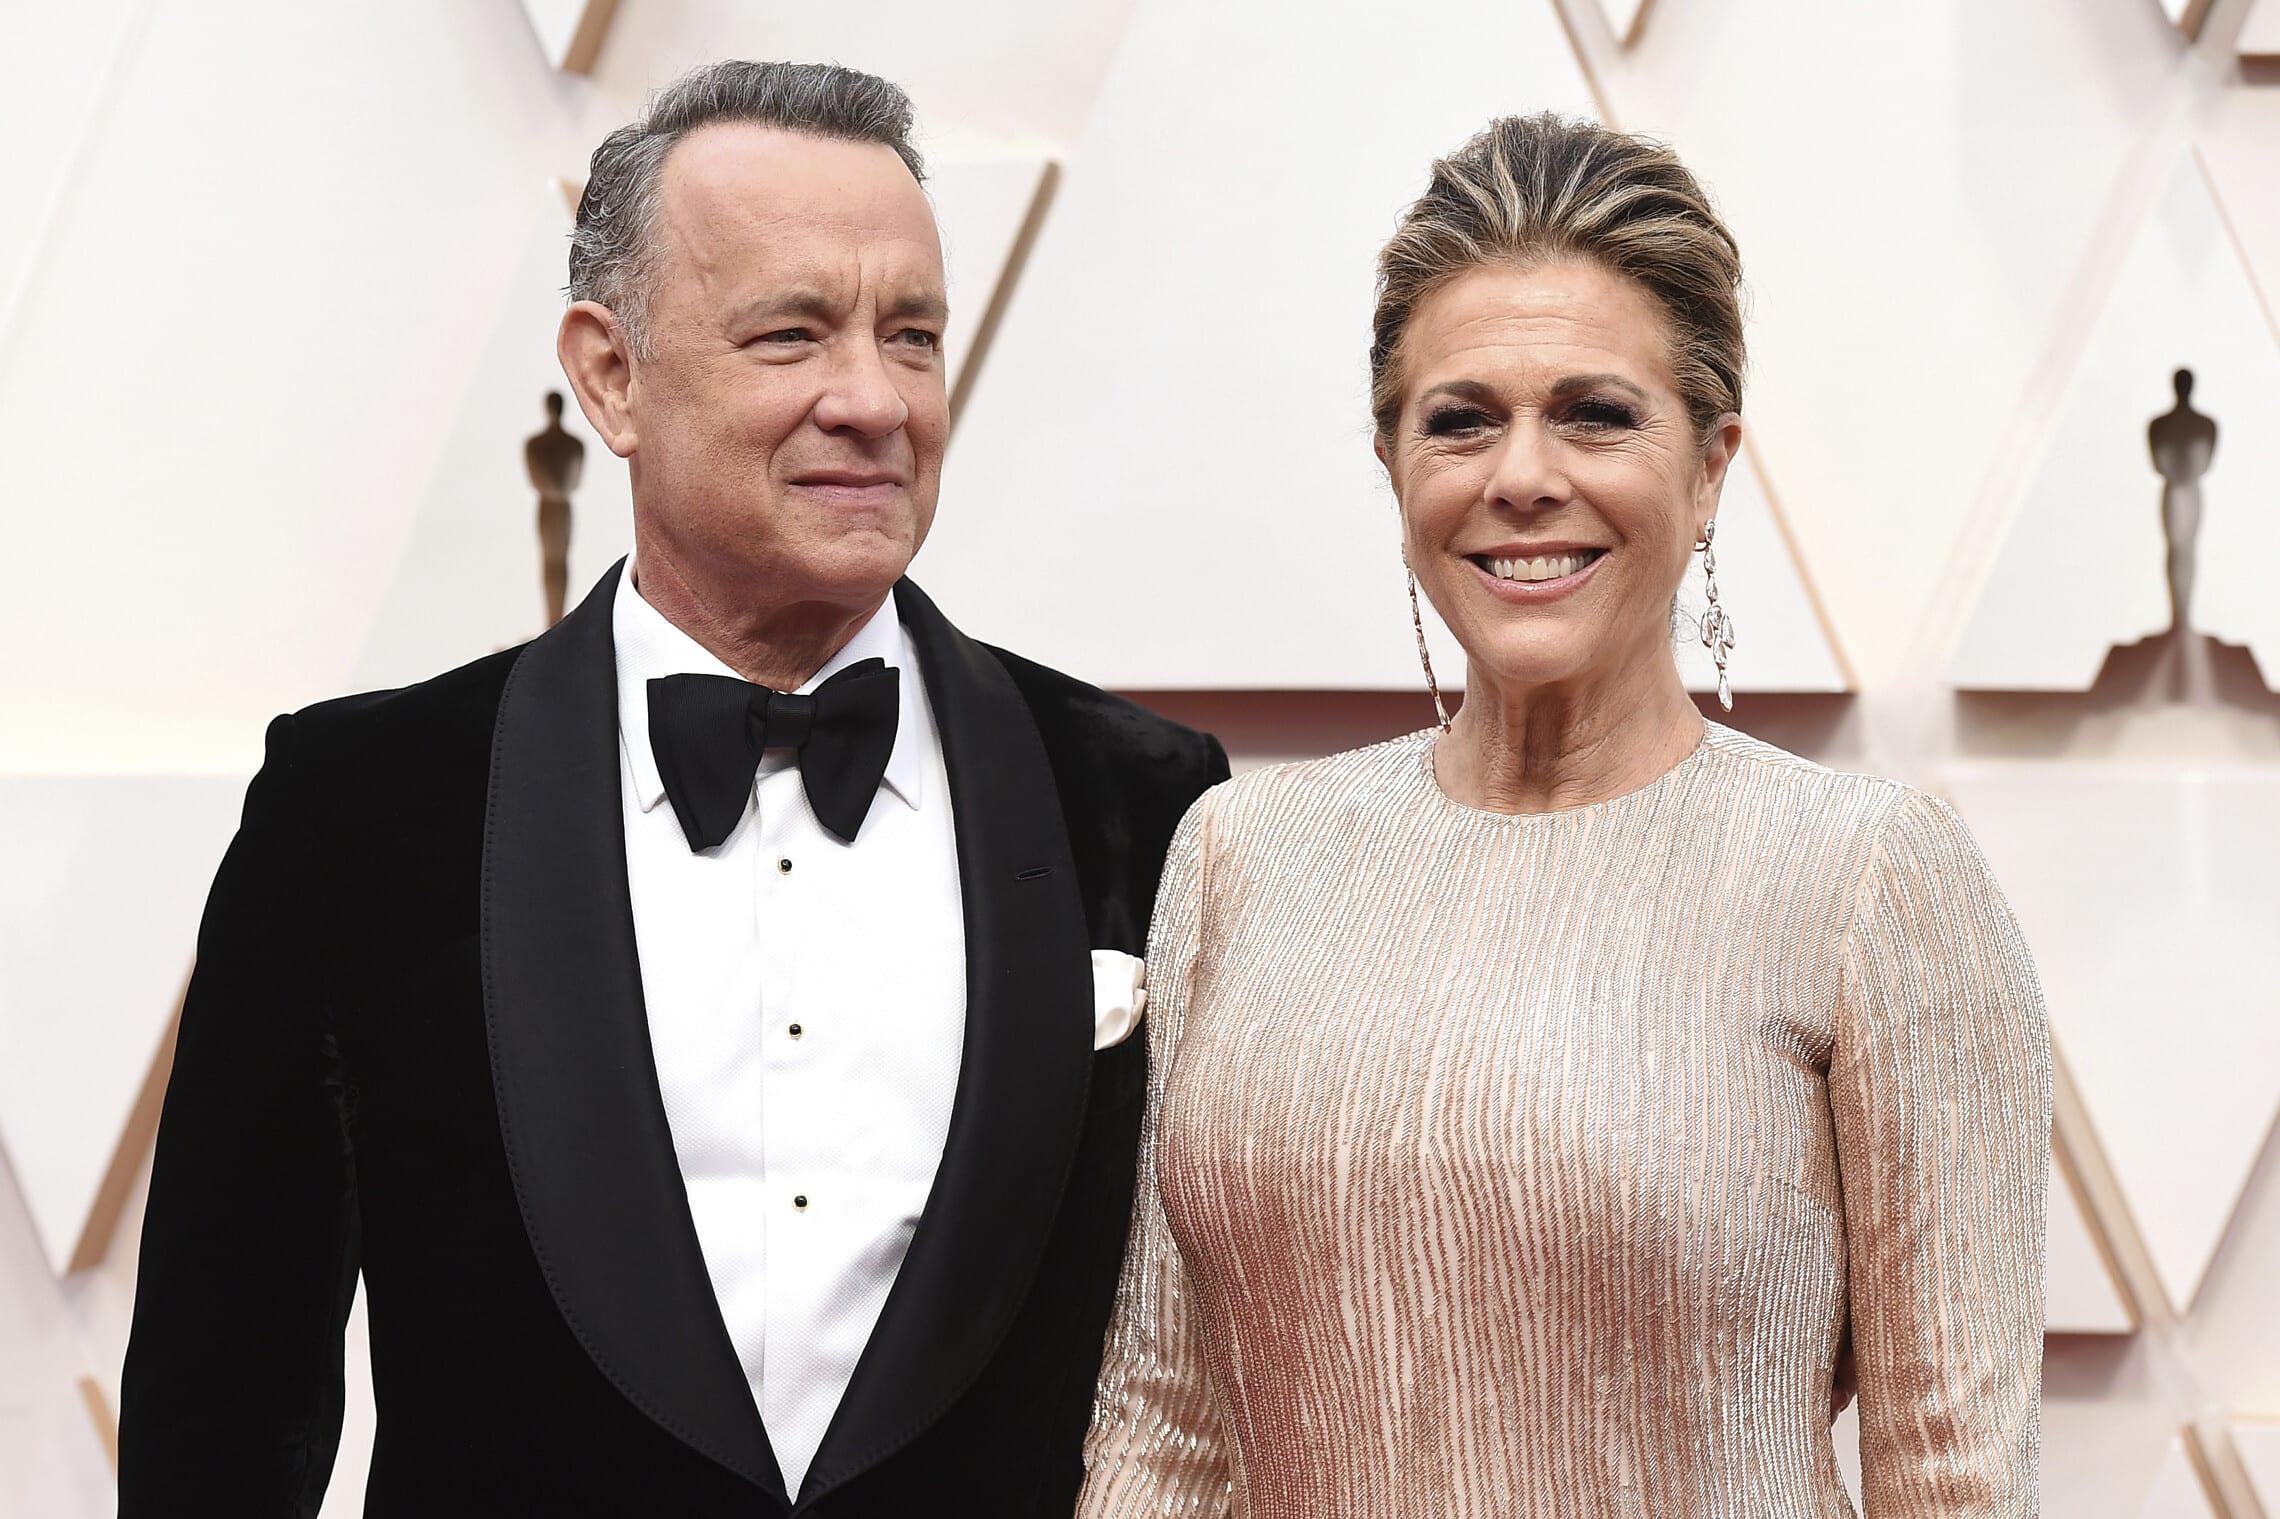 טום הנקס ואשתו, השחקנית ריטה וילסון (צילום: Jordan Strauss/Invision/AP)